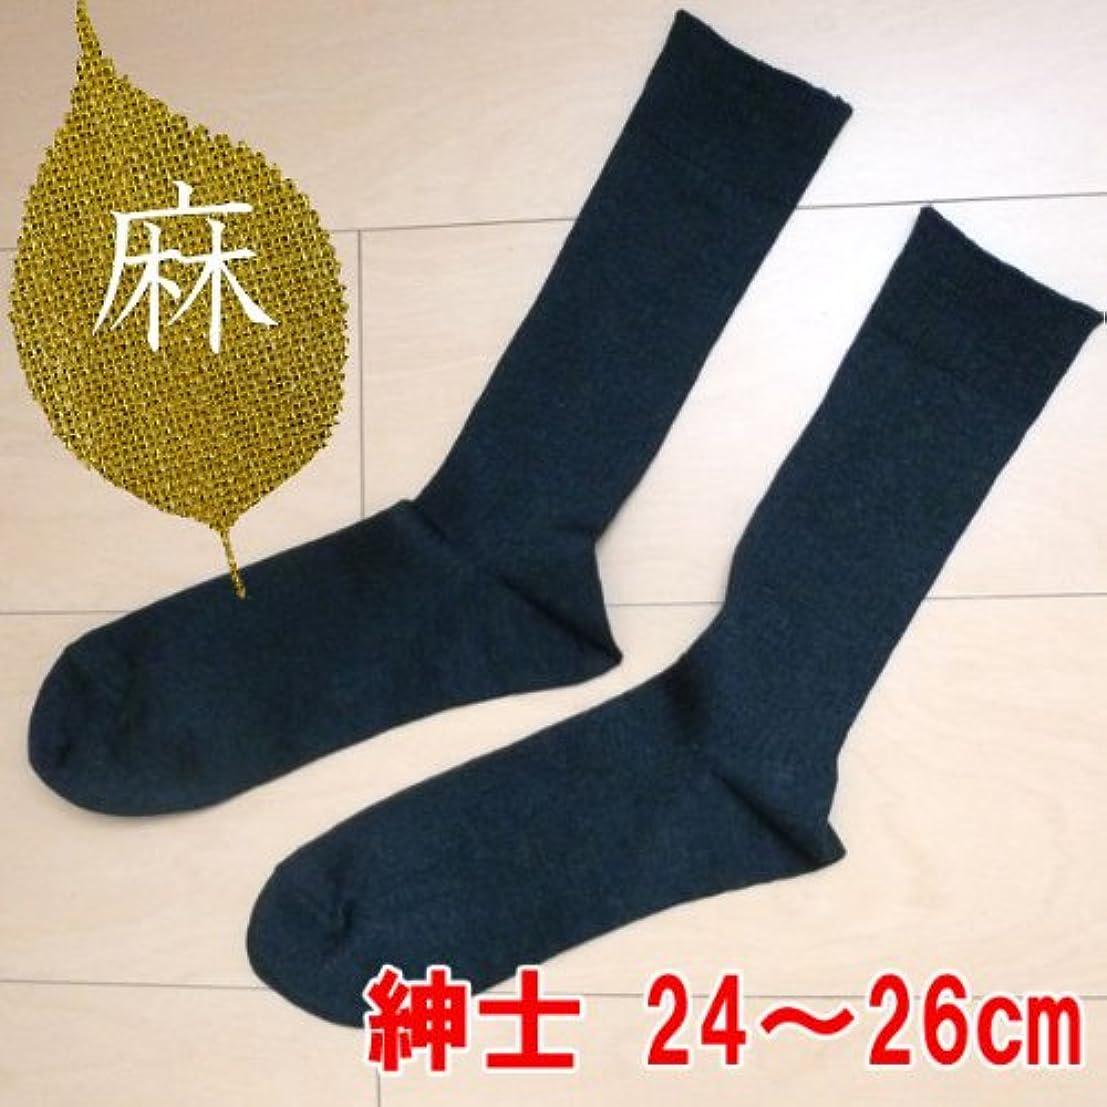 従者俳句借りているリブソックス 麻 日本製 男性用 無地 24~26cm 防臭 速乾